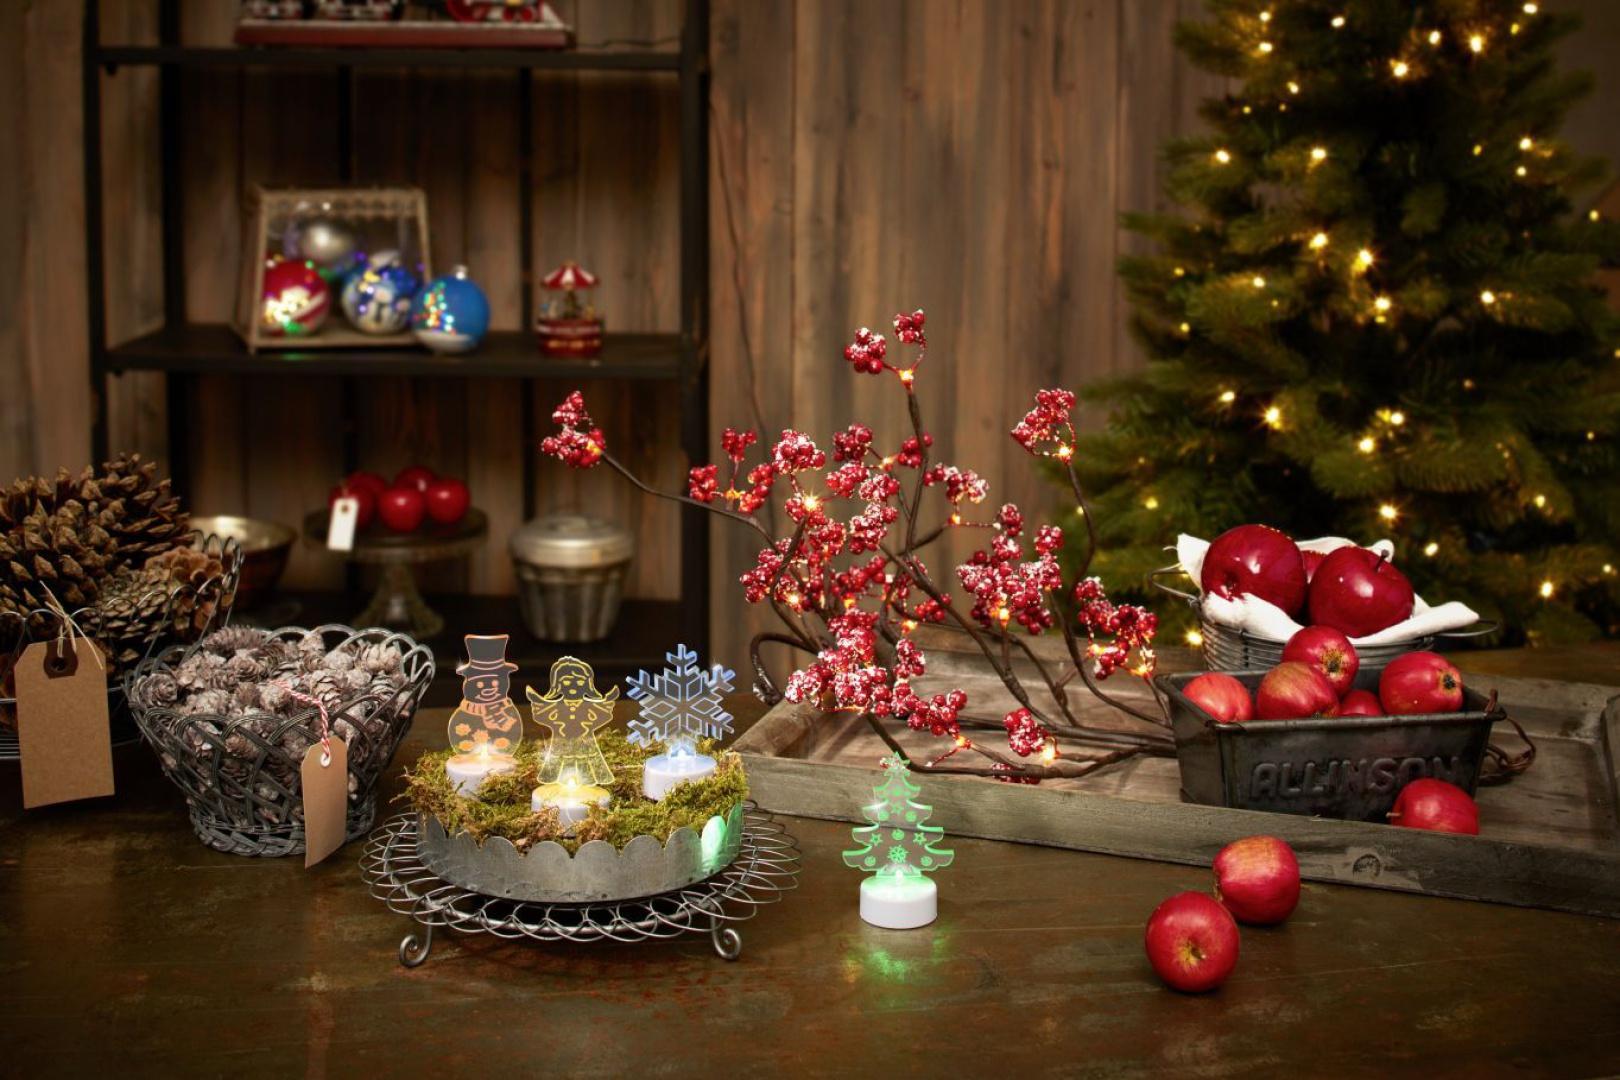 Podświetlane ledami figurki to propozycja od Tchibo. Świecące: bałwanek, aniołek, choinka i gwiazdka świetnie podkreślą magiczną atmosferę Świąt. Fot. Tchibo.